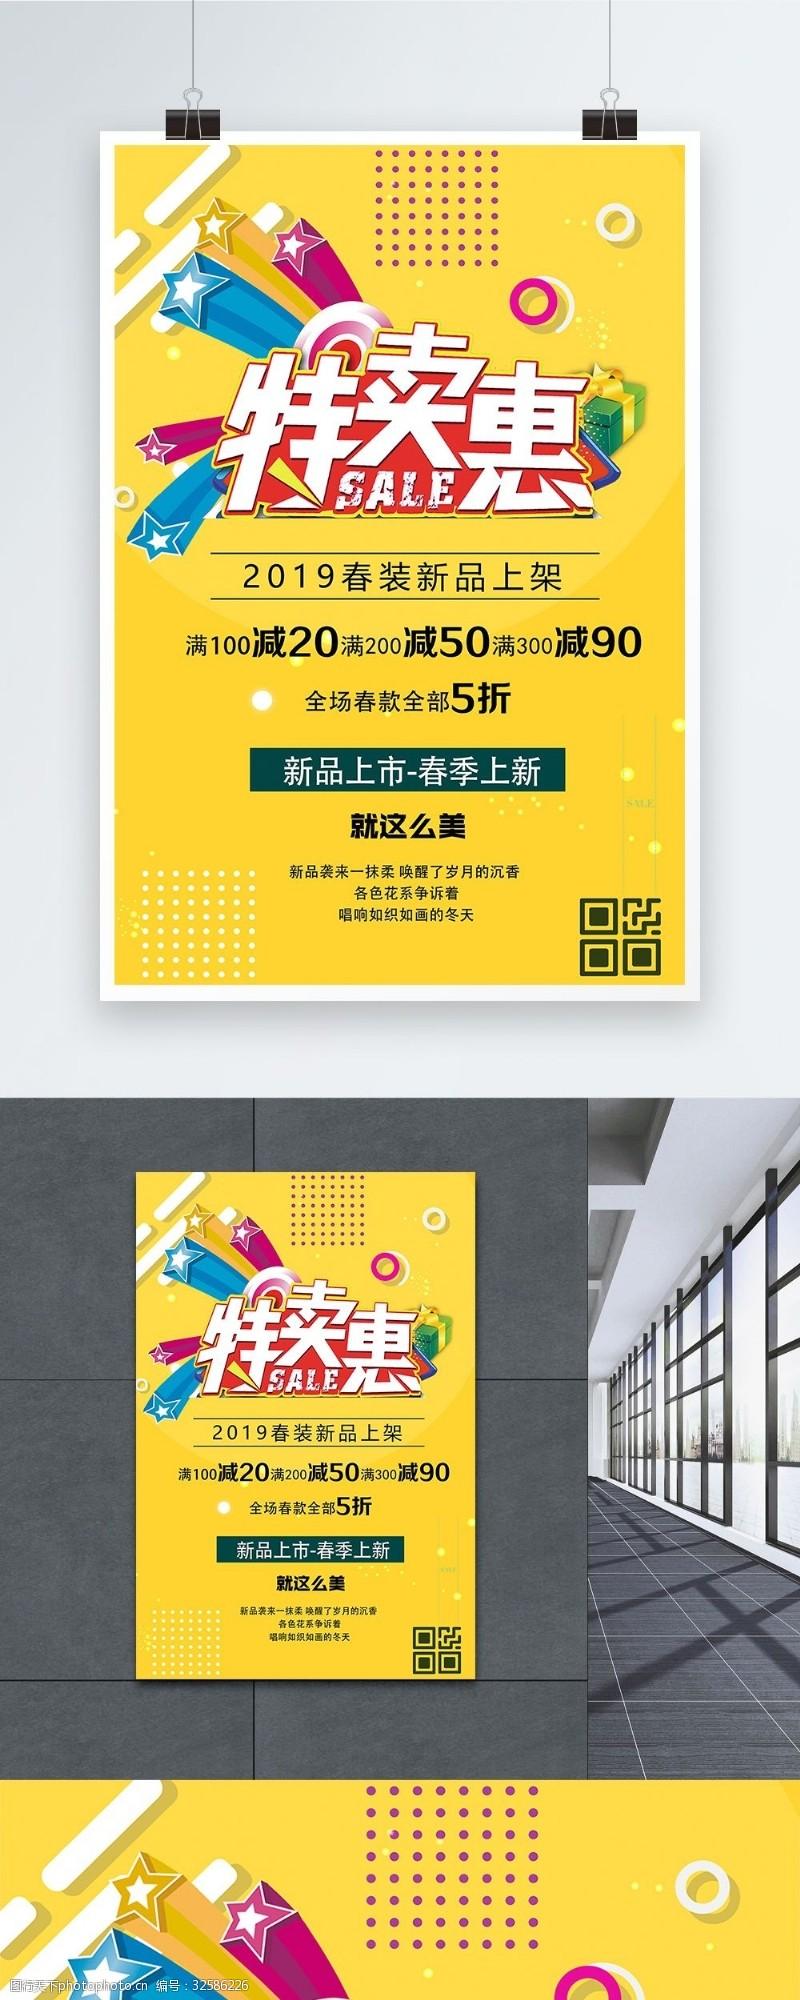 简约春季特卖惠宣传海报